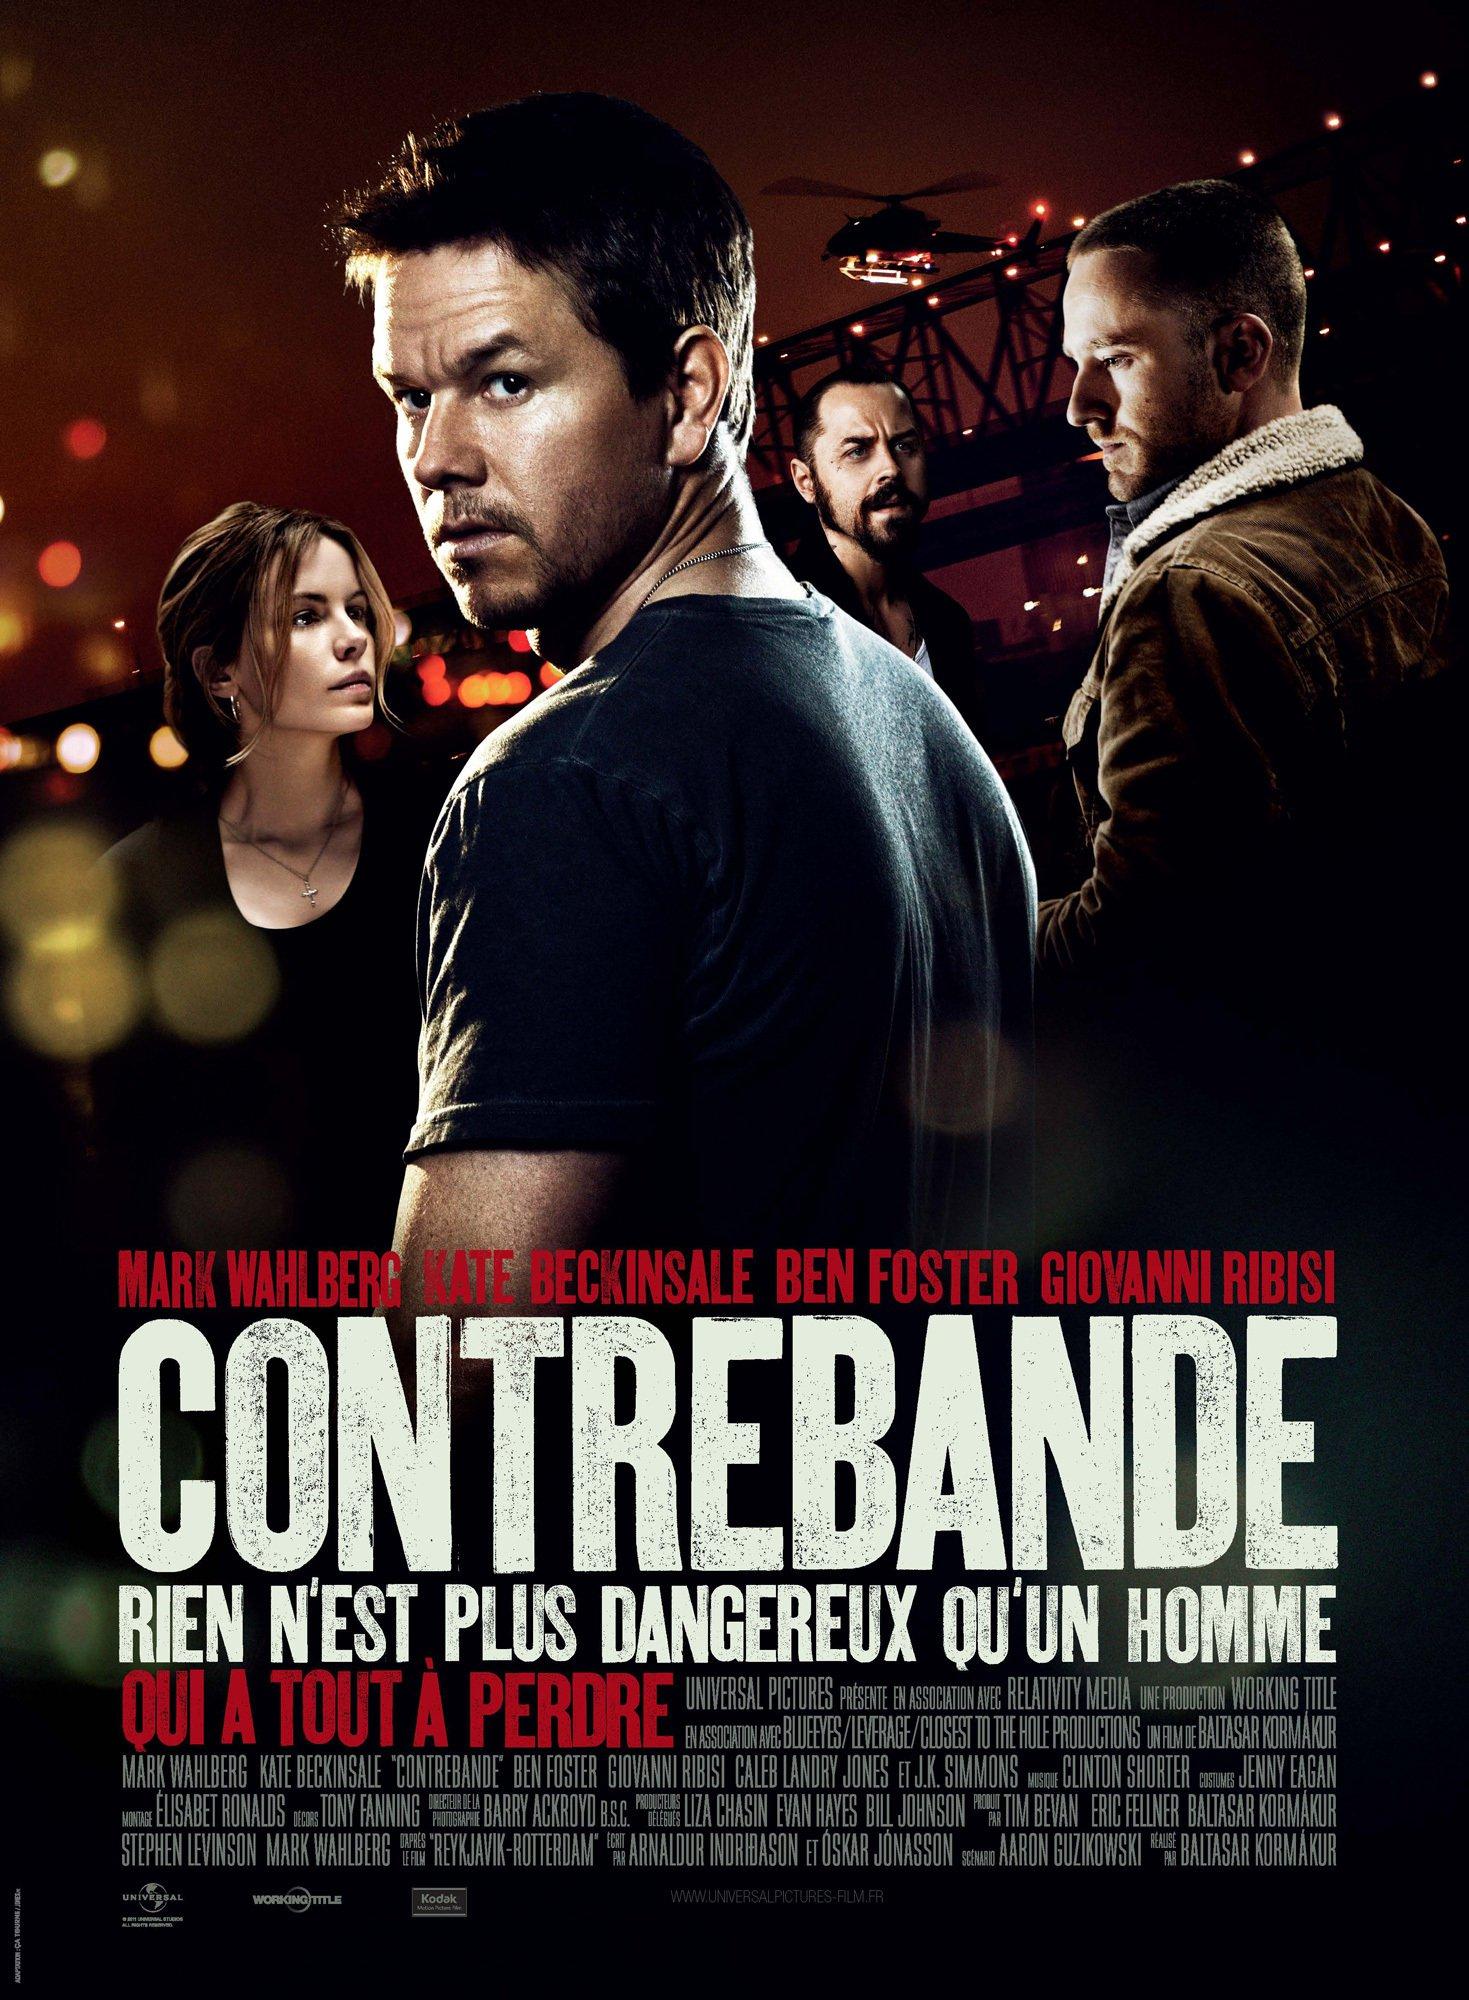 affiche du film Contrebande